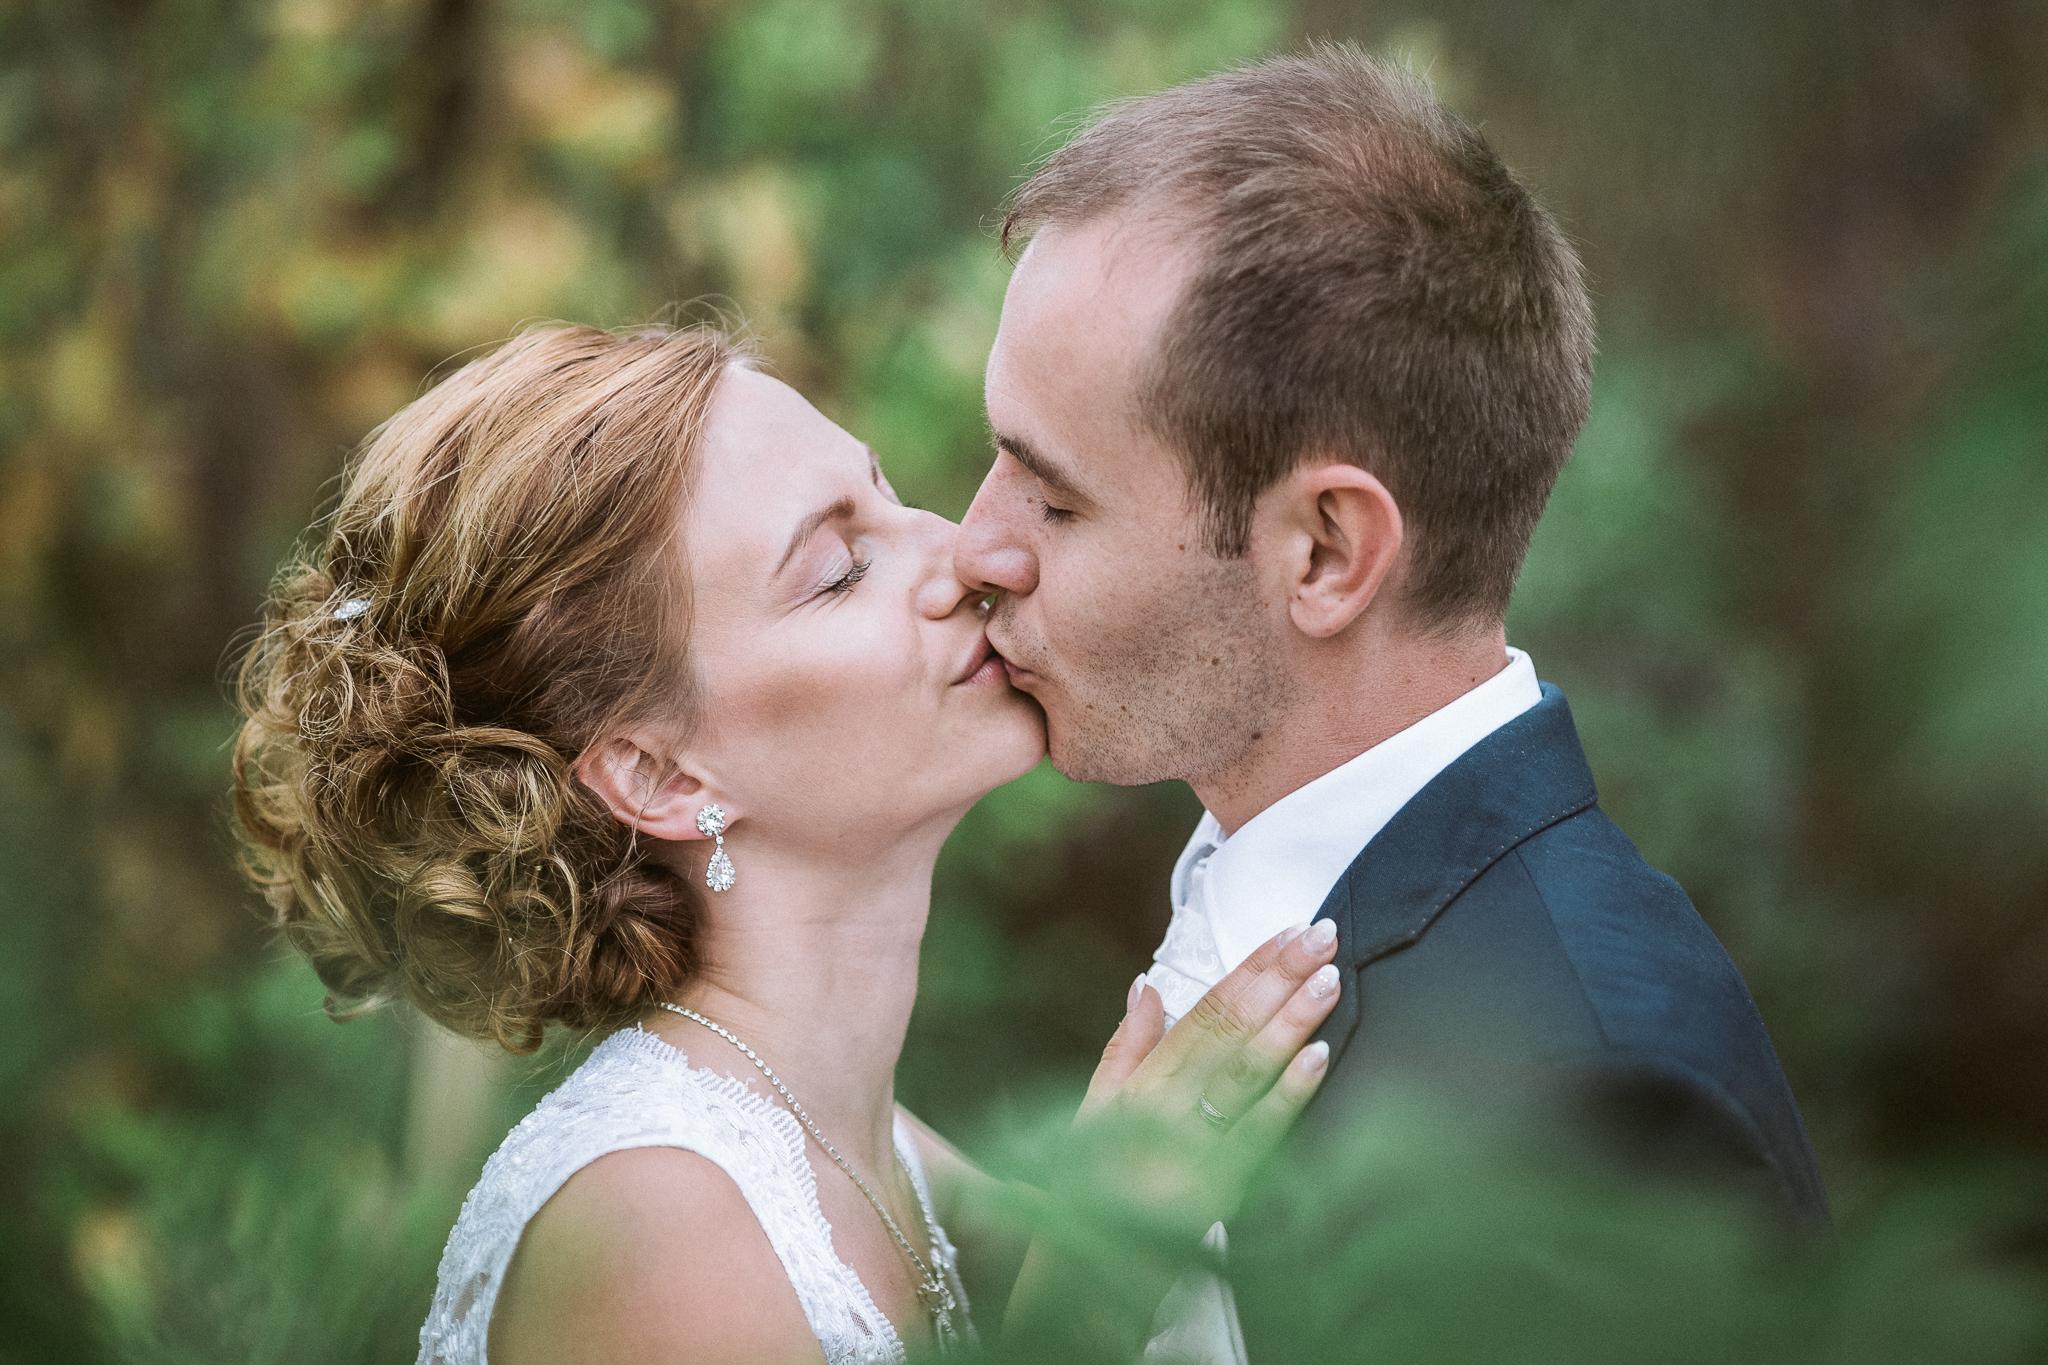 FylepPhoto, esküvőfotós, esküvői fotós Körmend, Szombathely, esküvőfotózás, magyarország, vas megye, prémium, jegyesfotózás, Fülöp Péter, körmend, kreatív, fotográfus_45-2.jpg